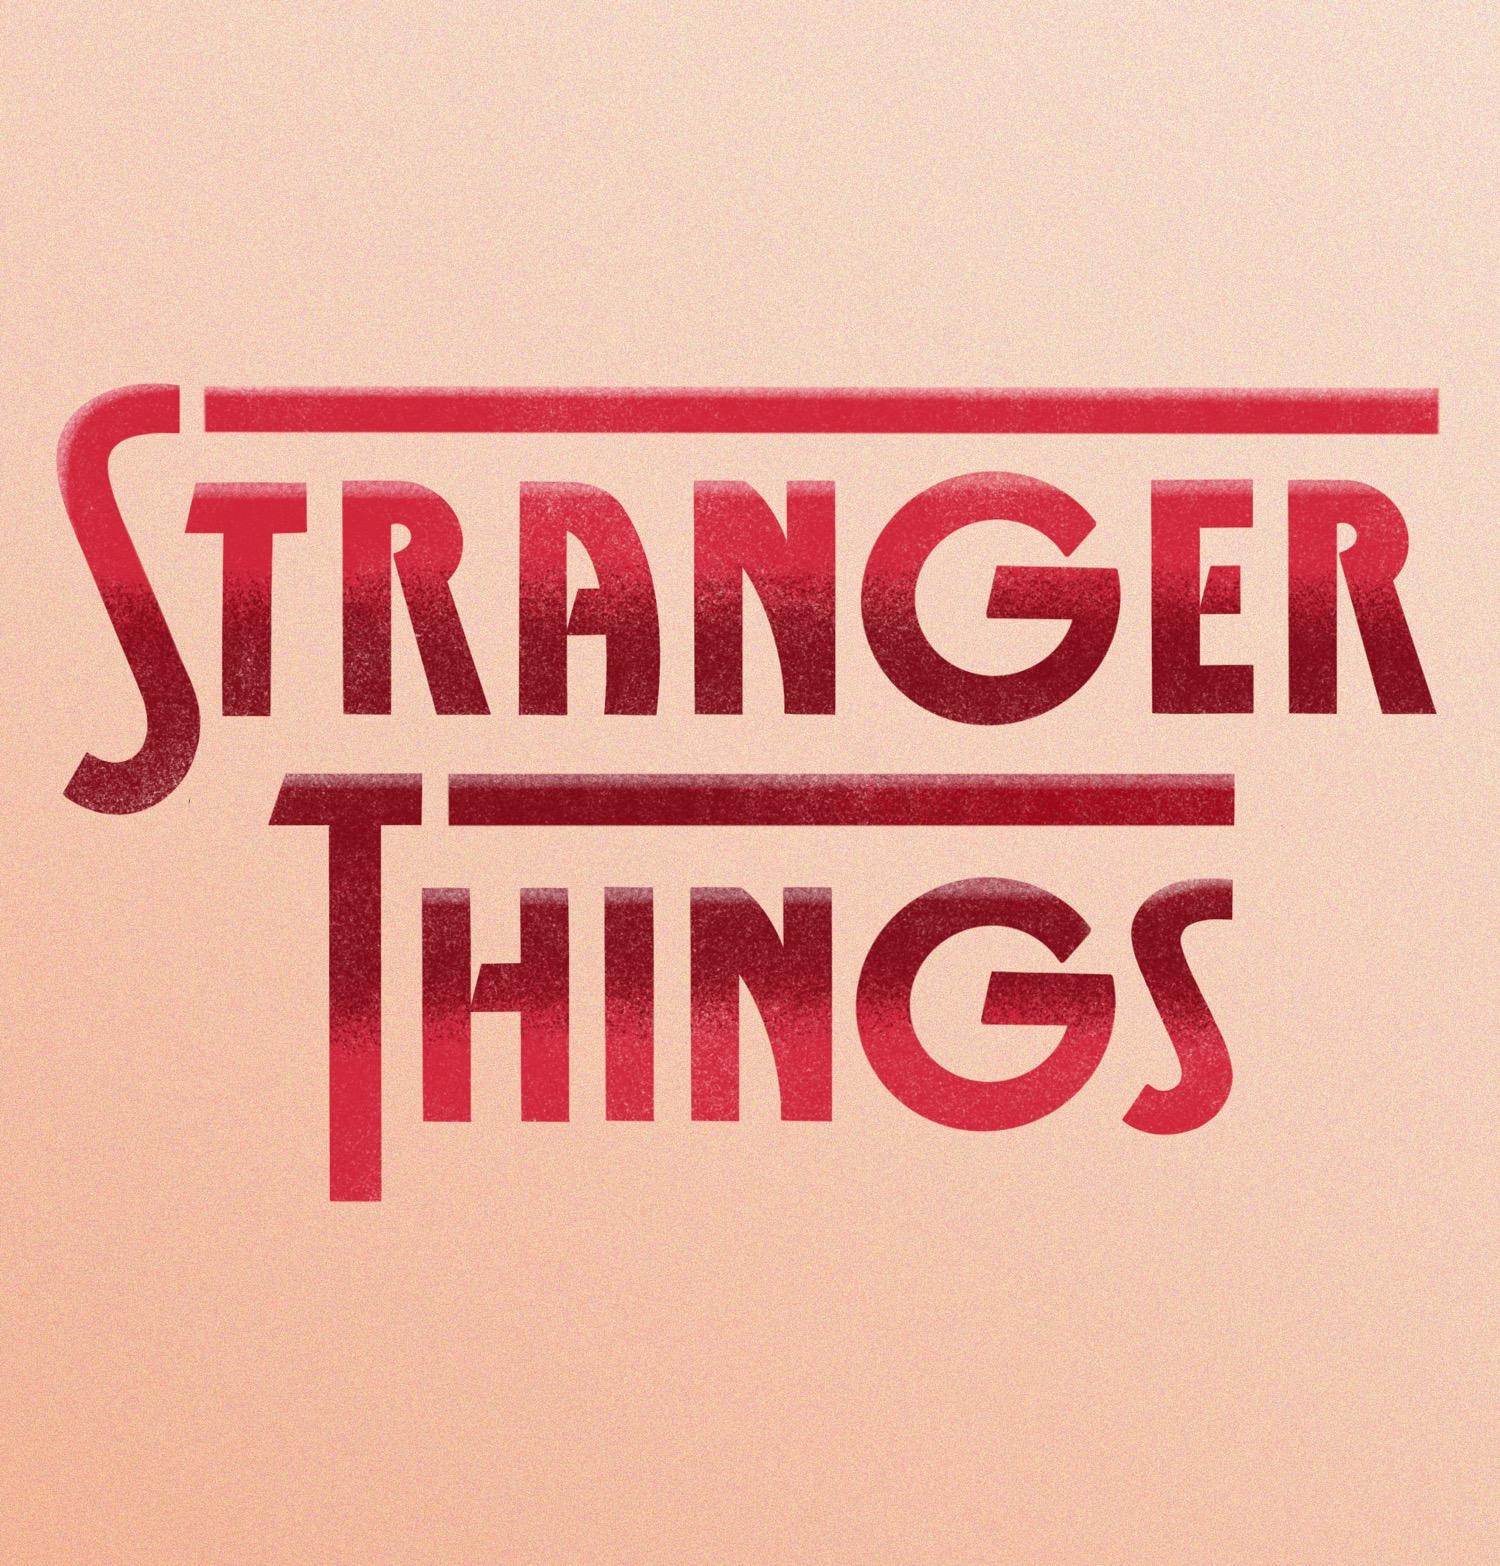 stranger things lettering